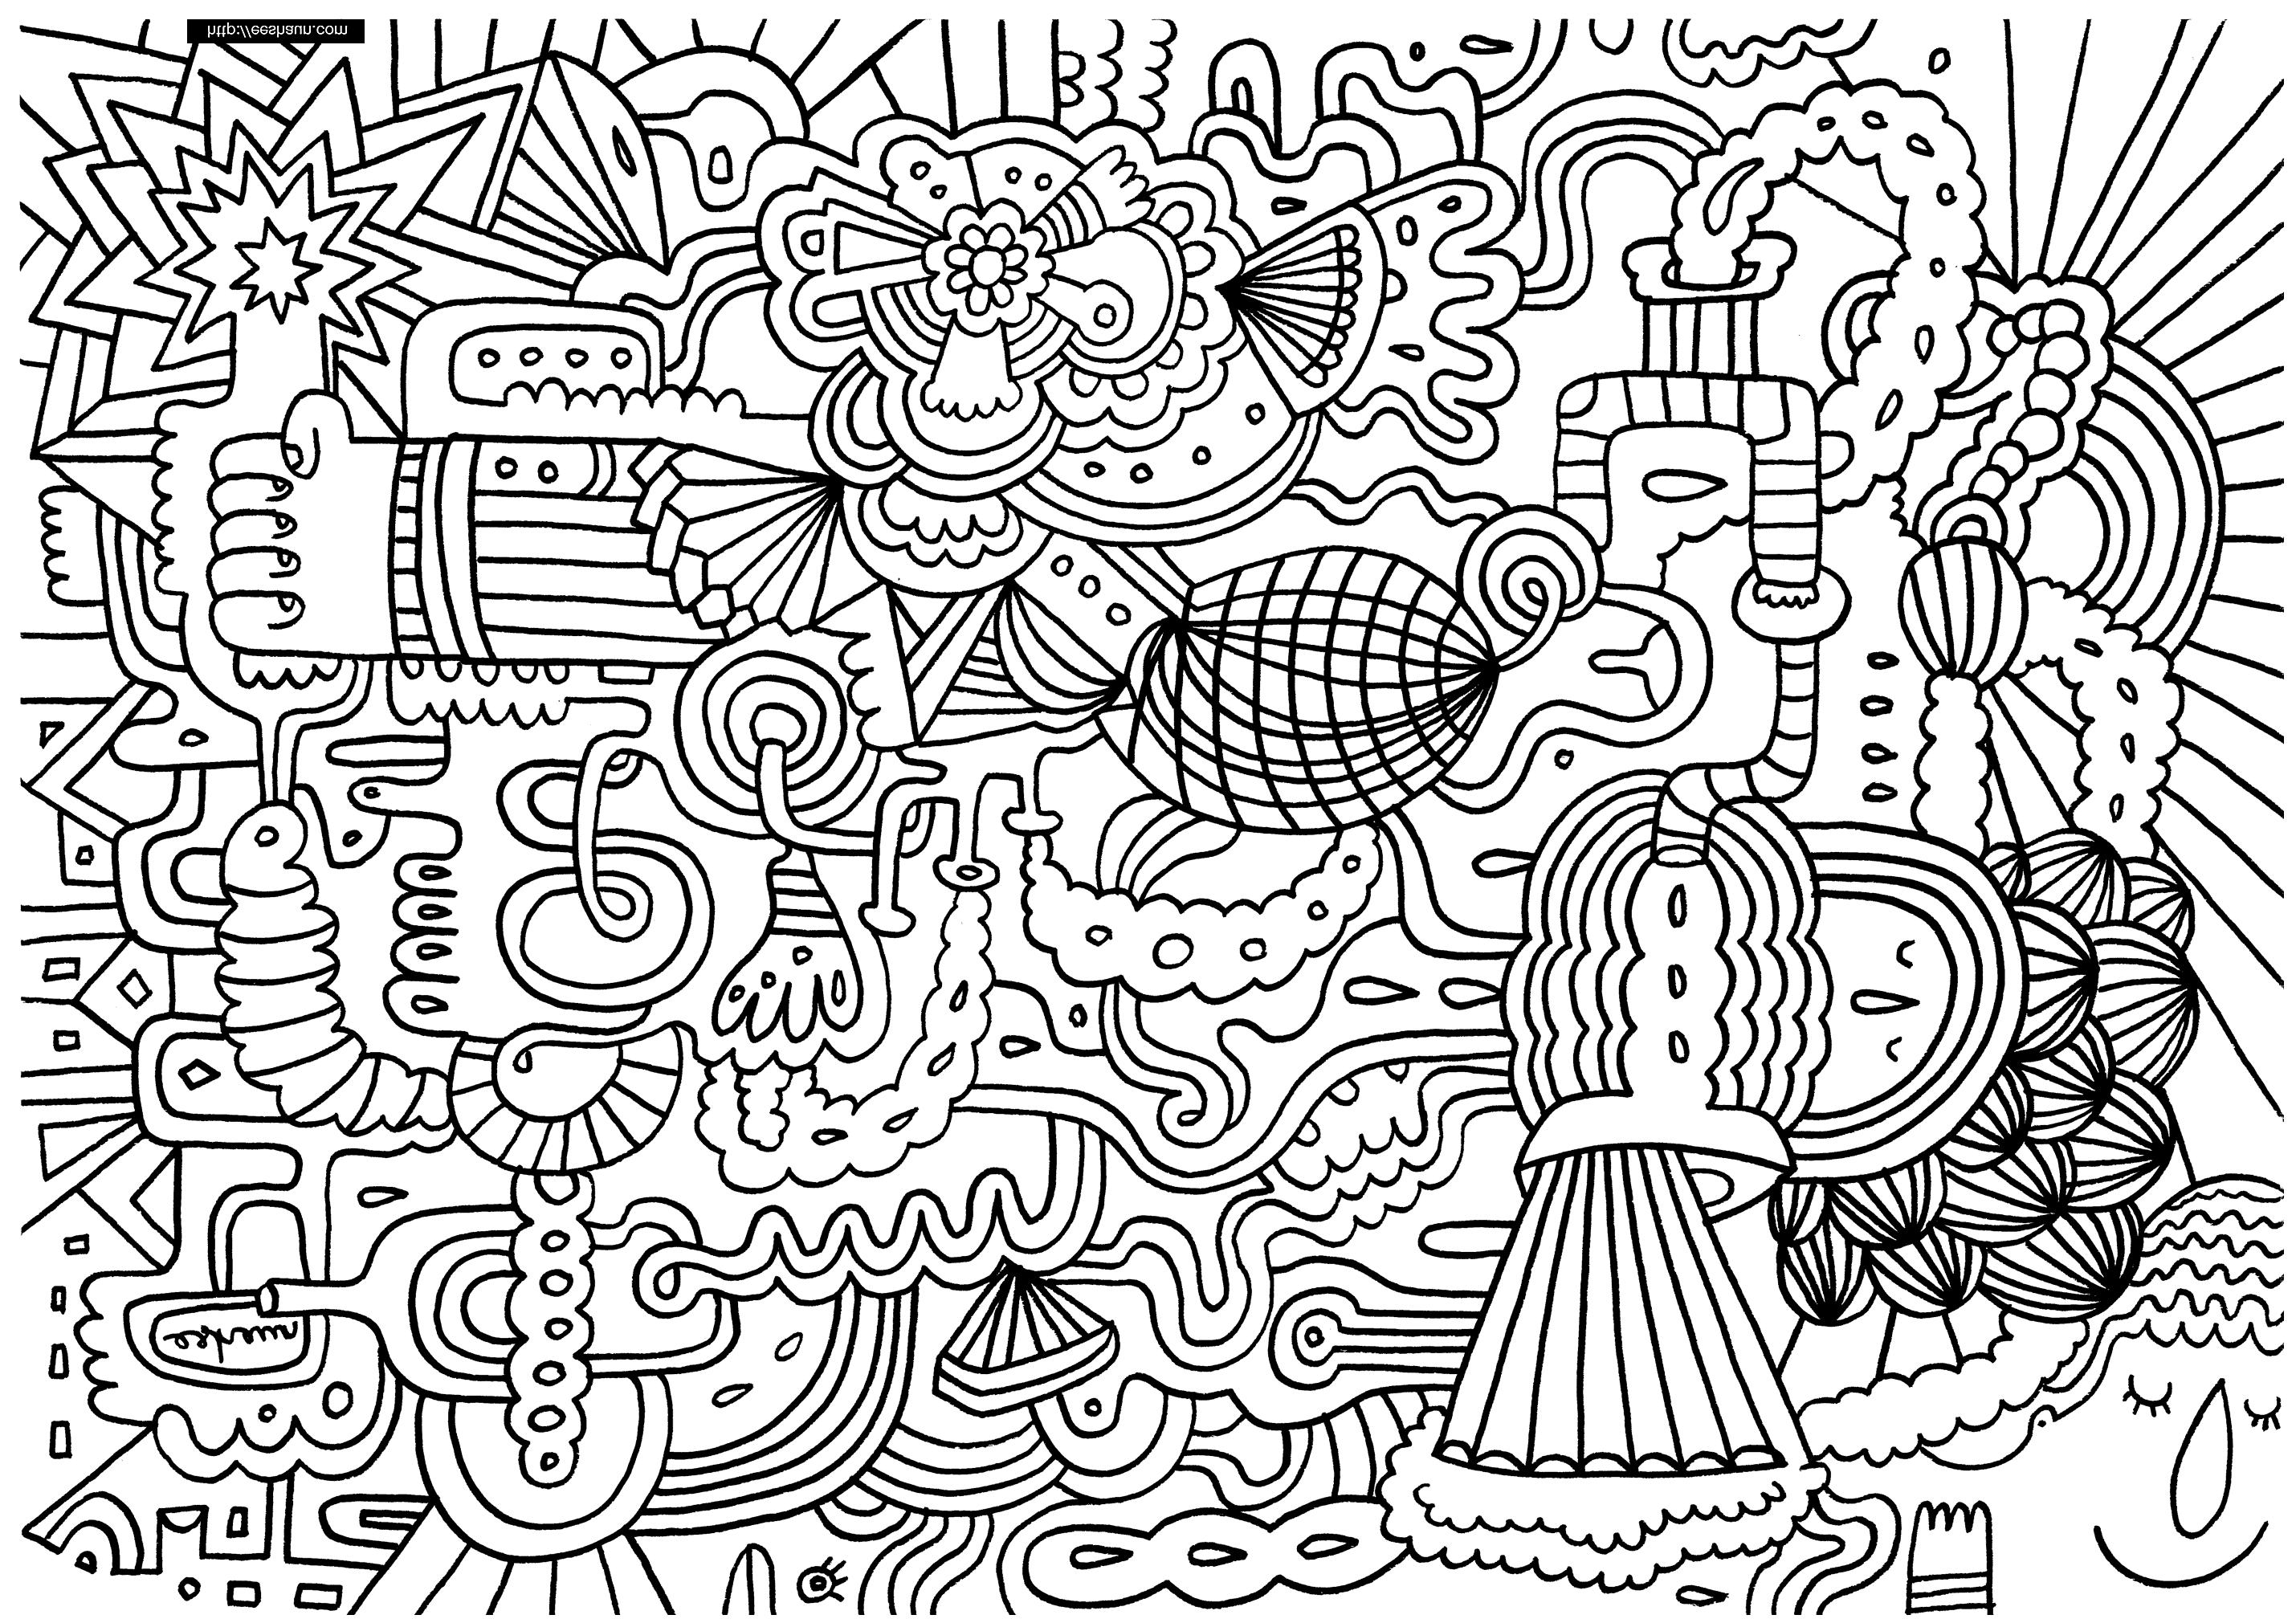 Colorear para adultos : Doodle art / Doodling - 17